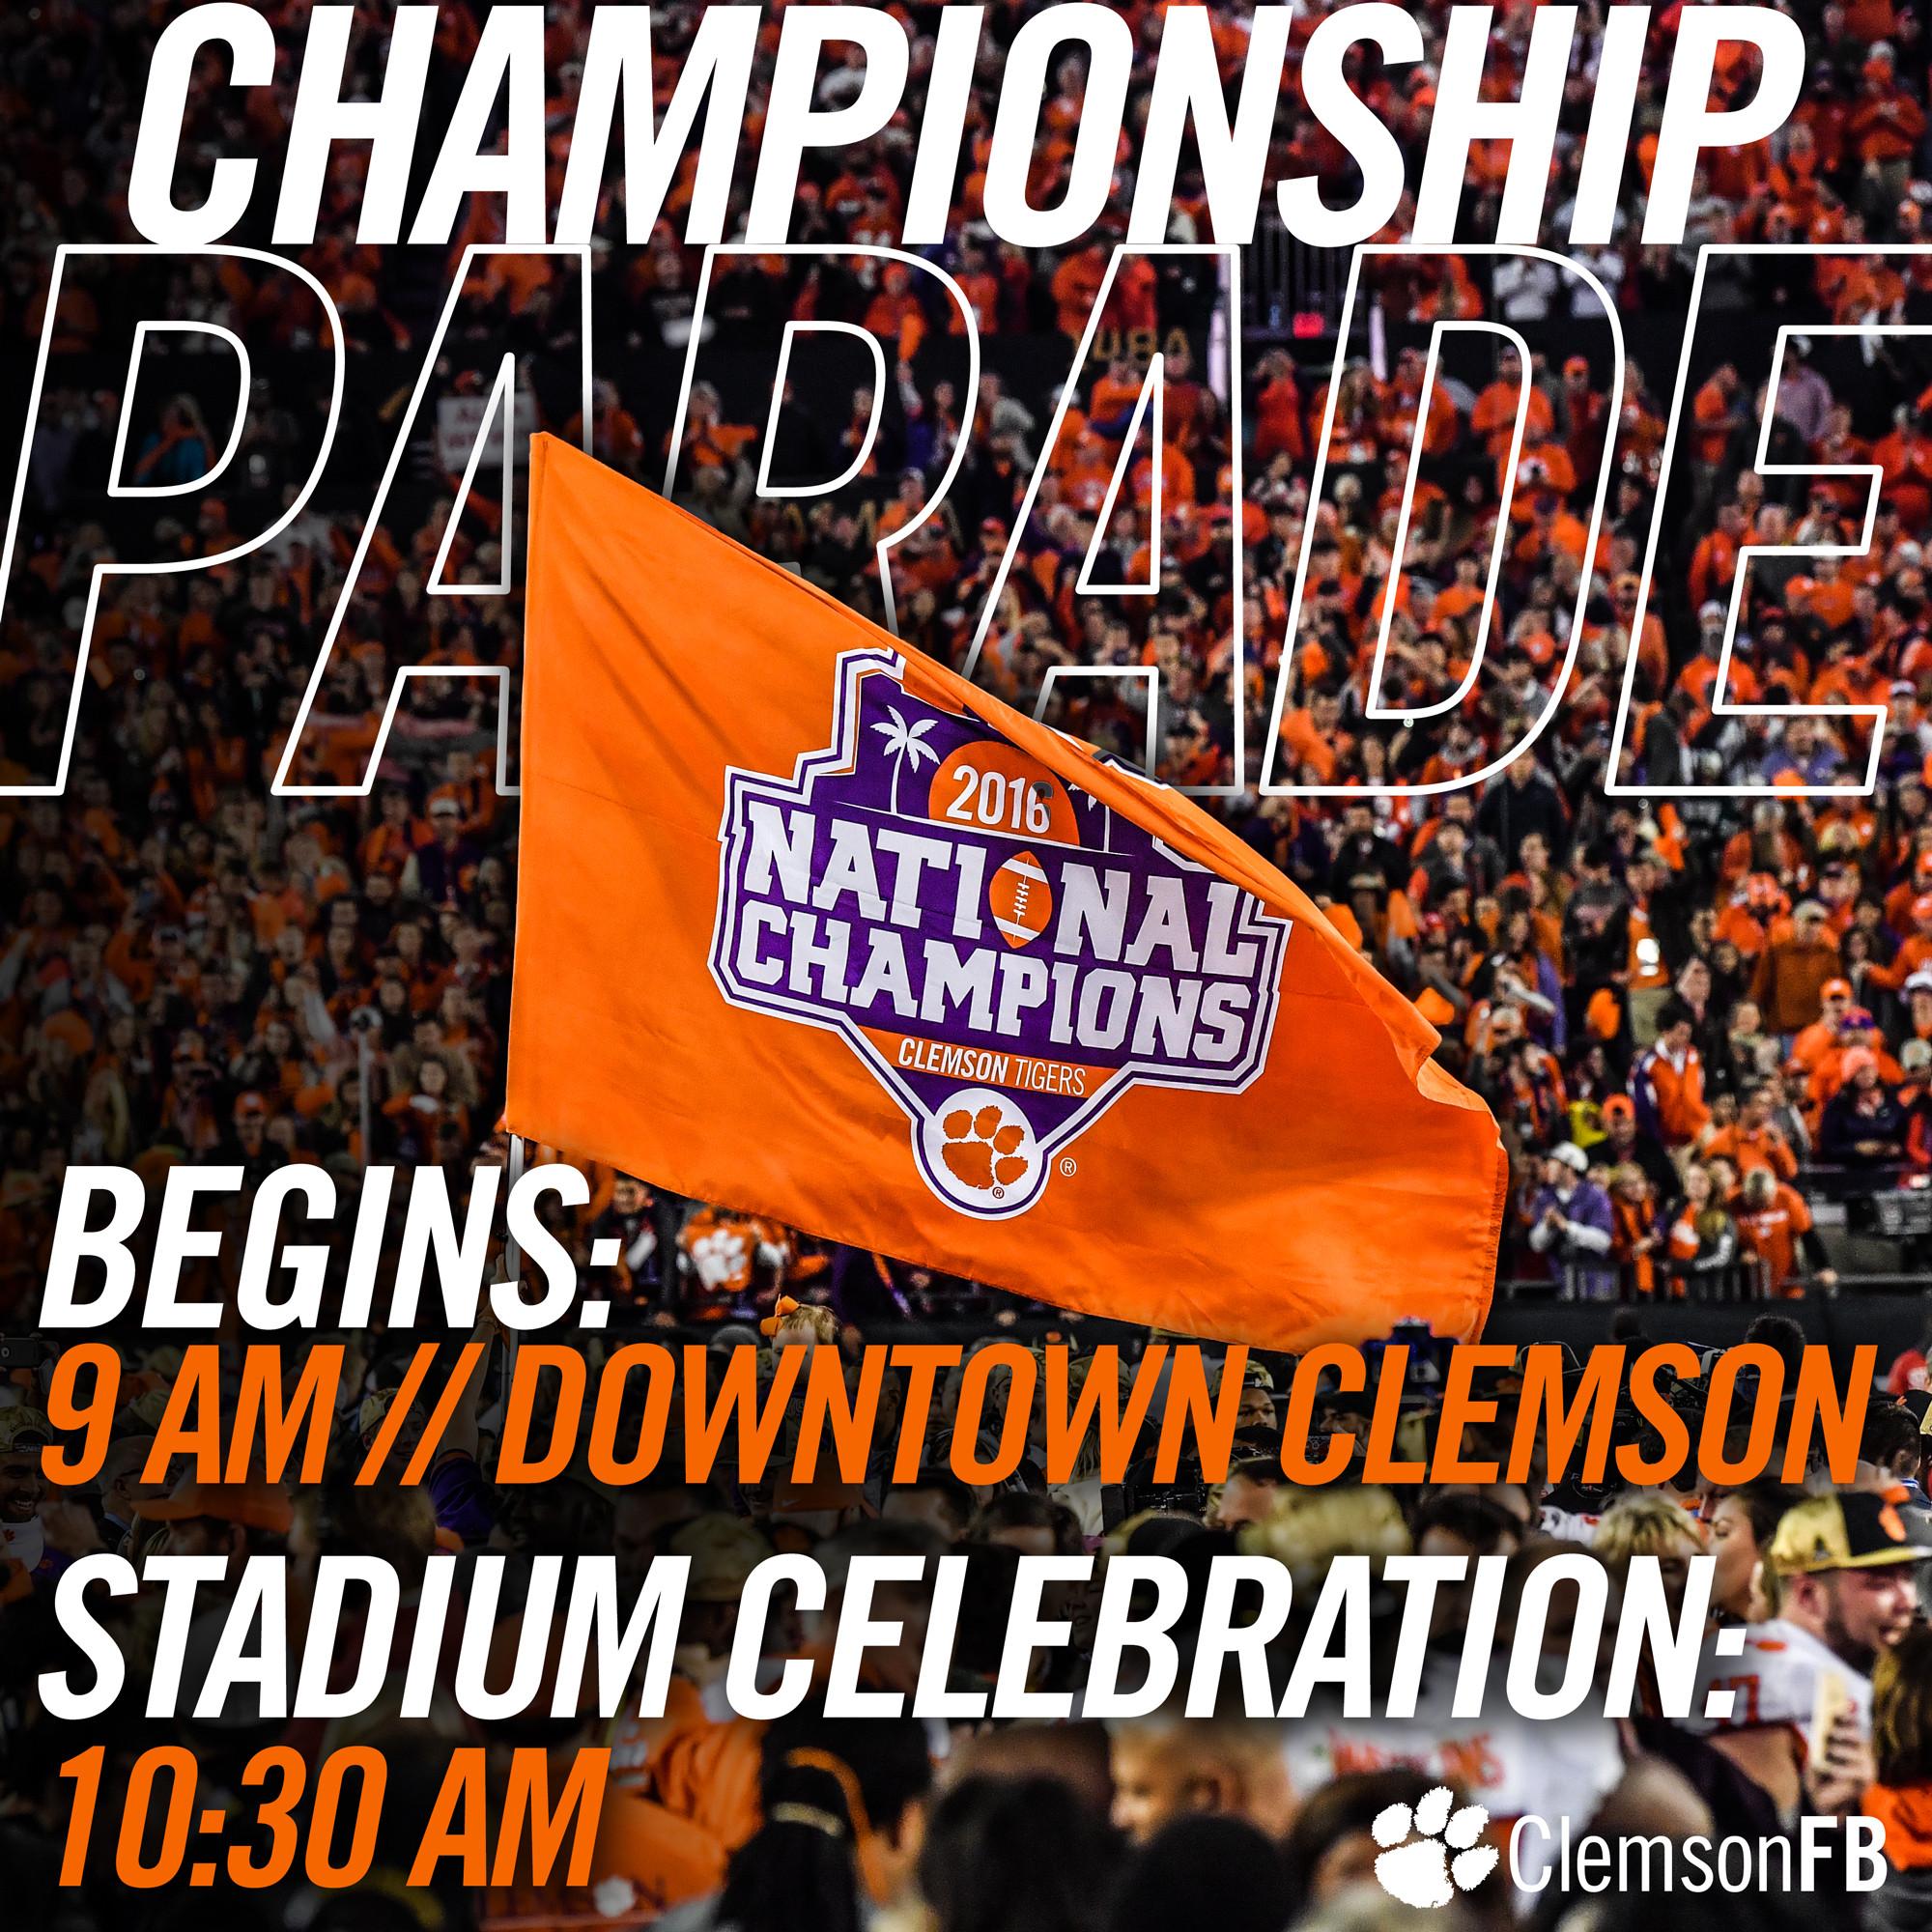 National Championship Celebration Details